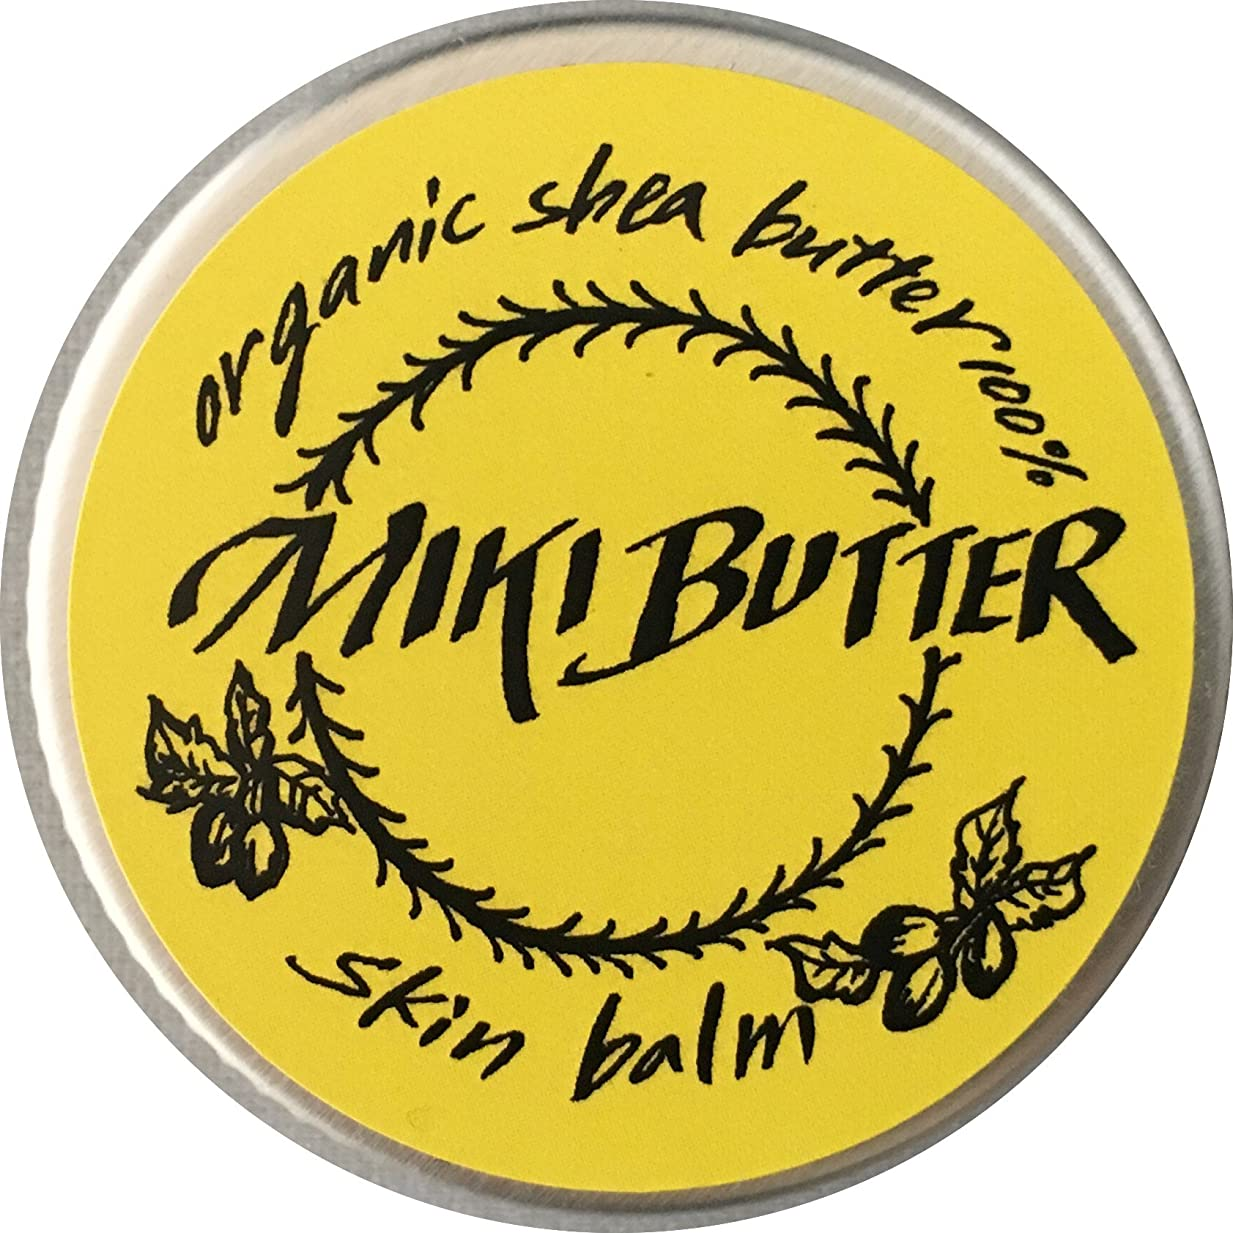 掻く手紙を書くヤング100%天然 未精製シアバター  ミキバター (ナチュラル, 15)